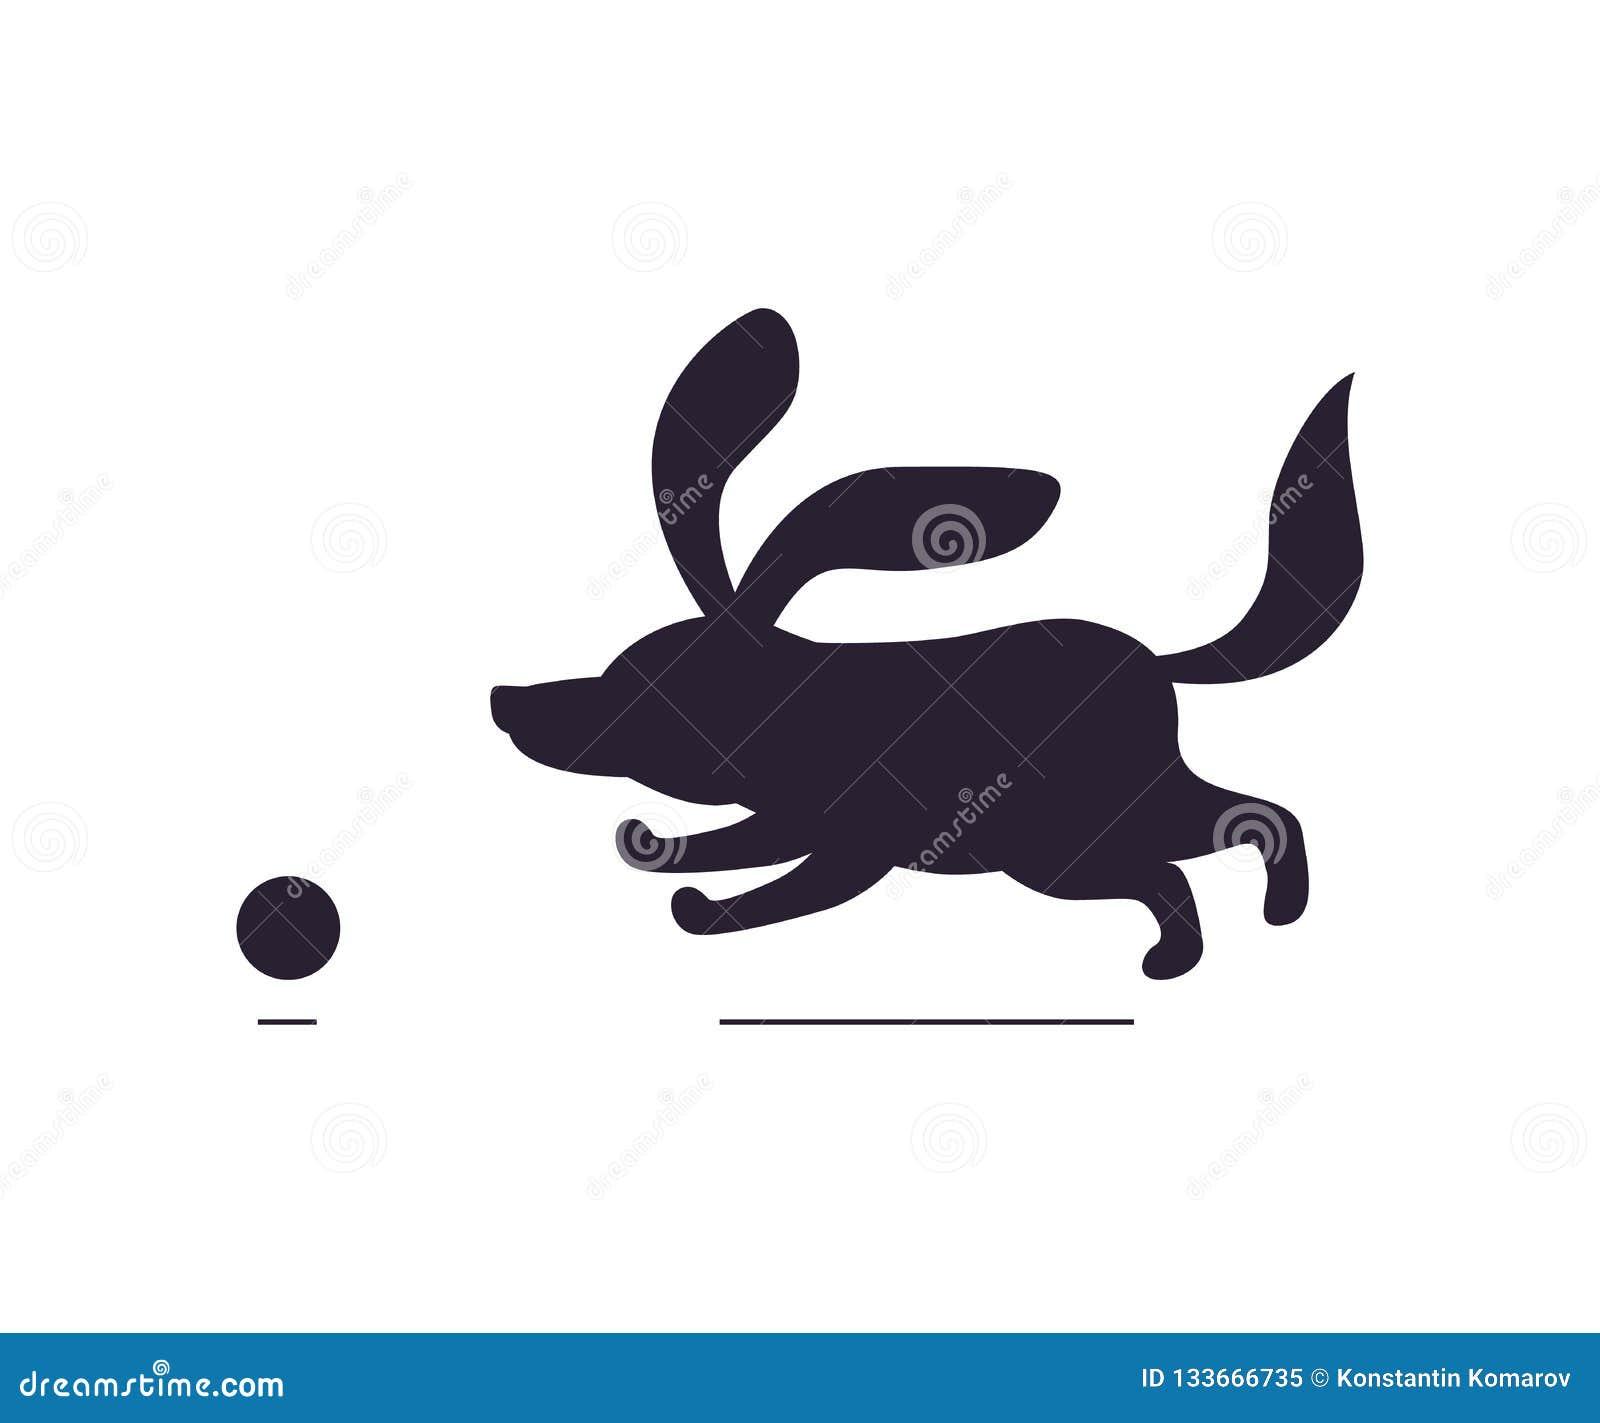 Hund mit Ballikonen reden flach dunkles Schattenbild auf weißem Hintergrund an